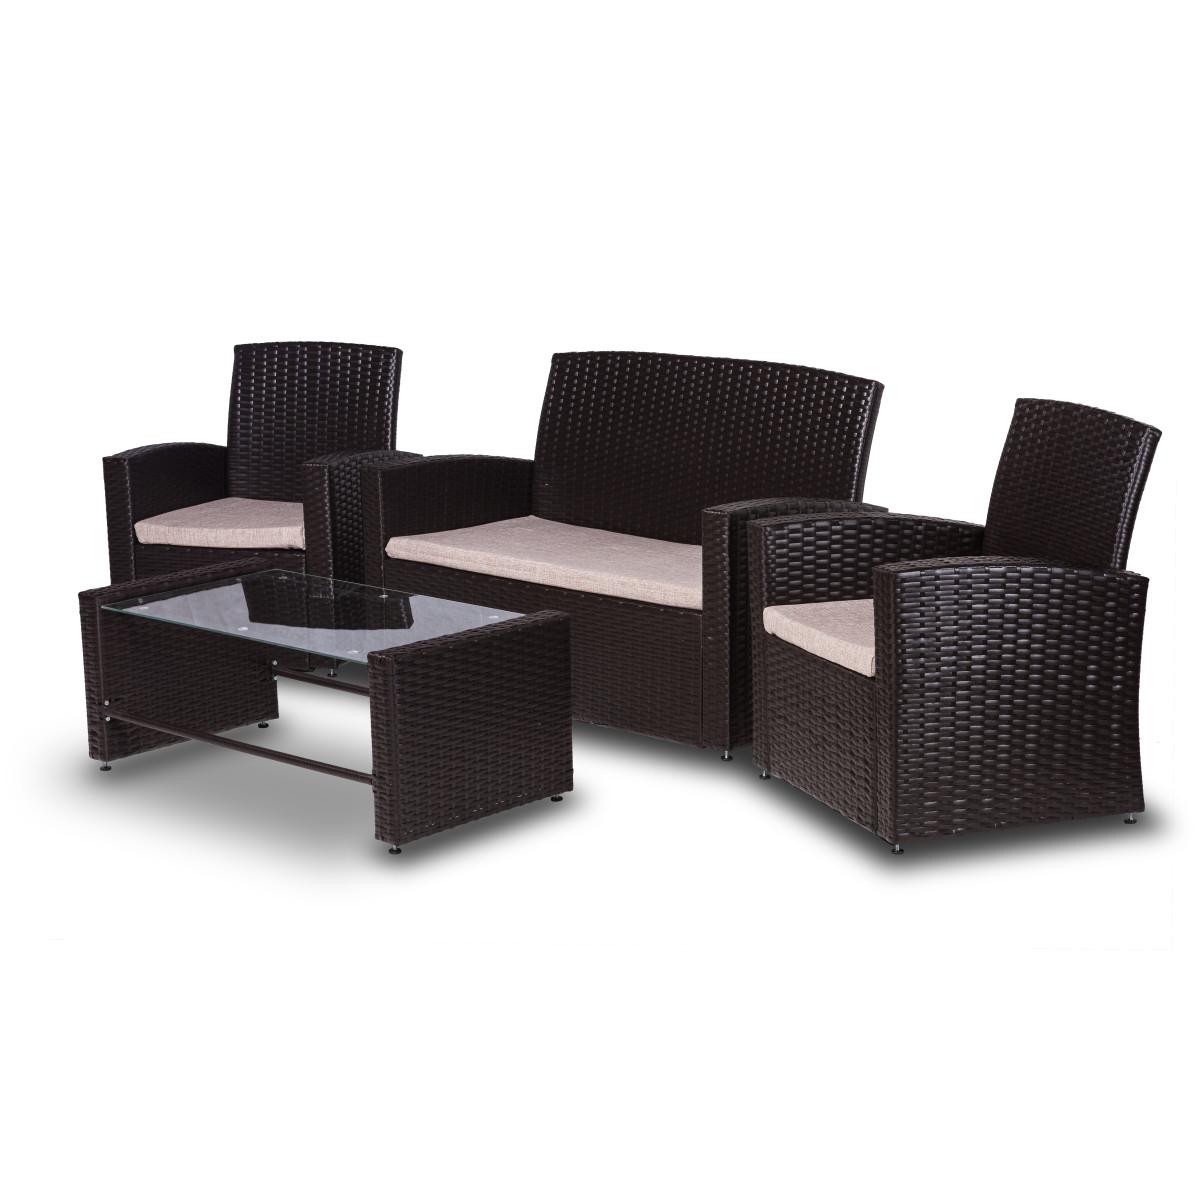 Набор садовой мебели Марокко полиротанг коричневый стол диван и 2 кресла